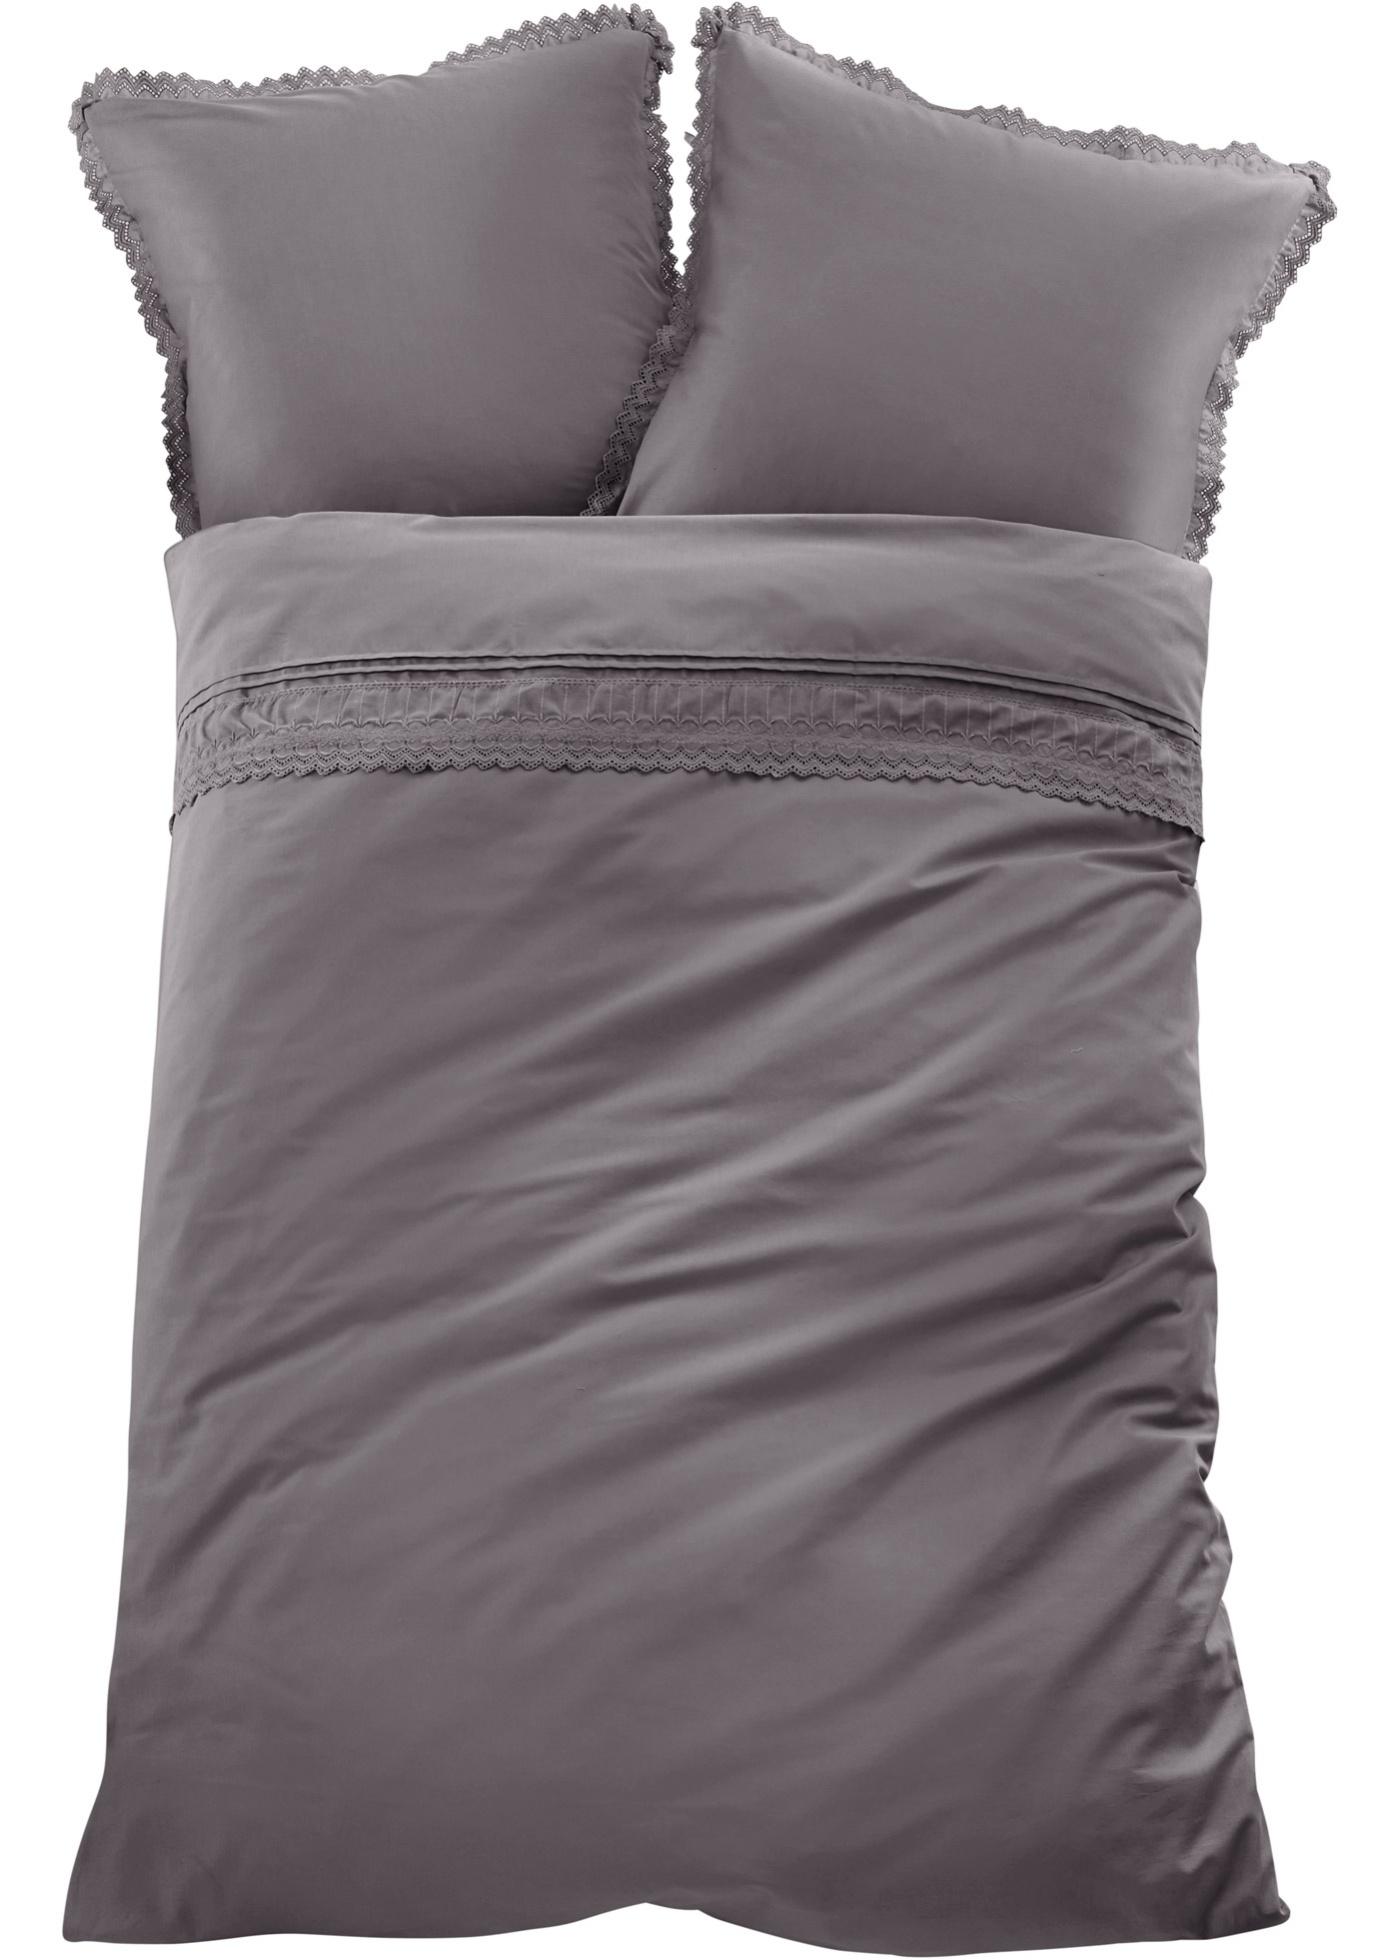 Parure de lit très romantique avec plis religieuse élégants et une belle bordure en dentelle avec broderie.